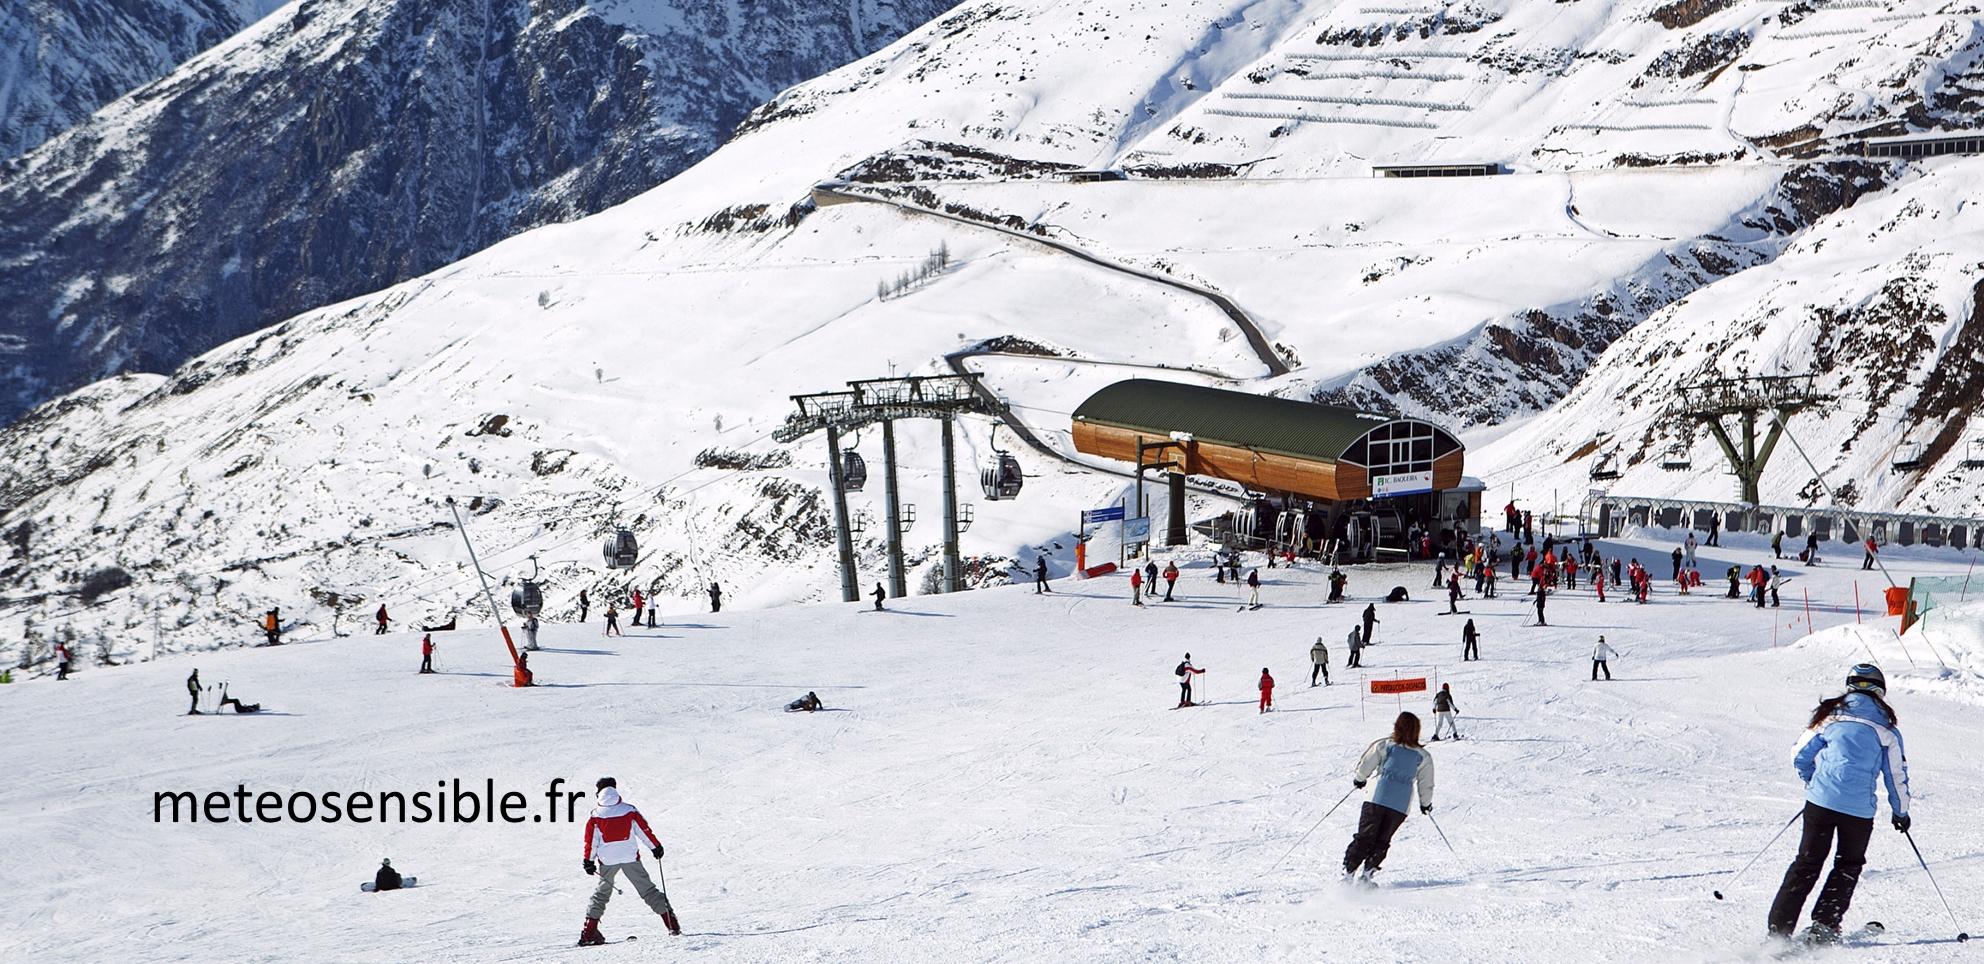 quelle semaine skier